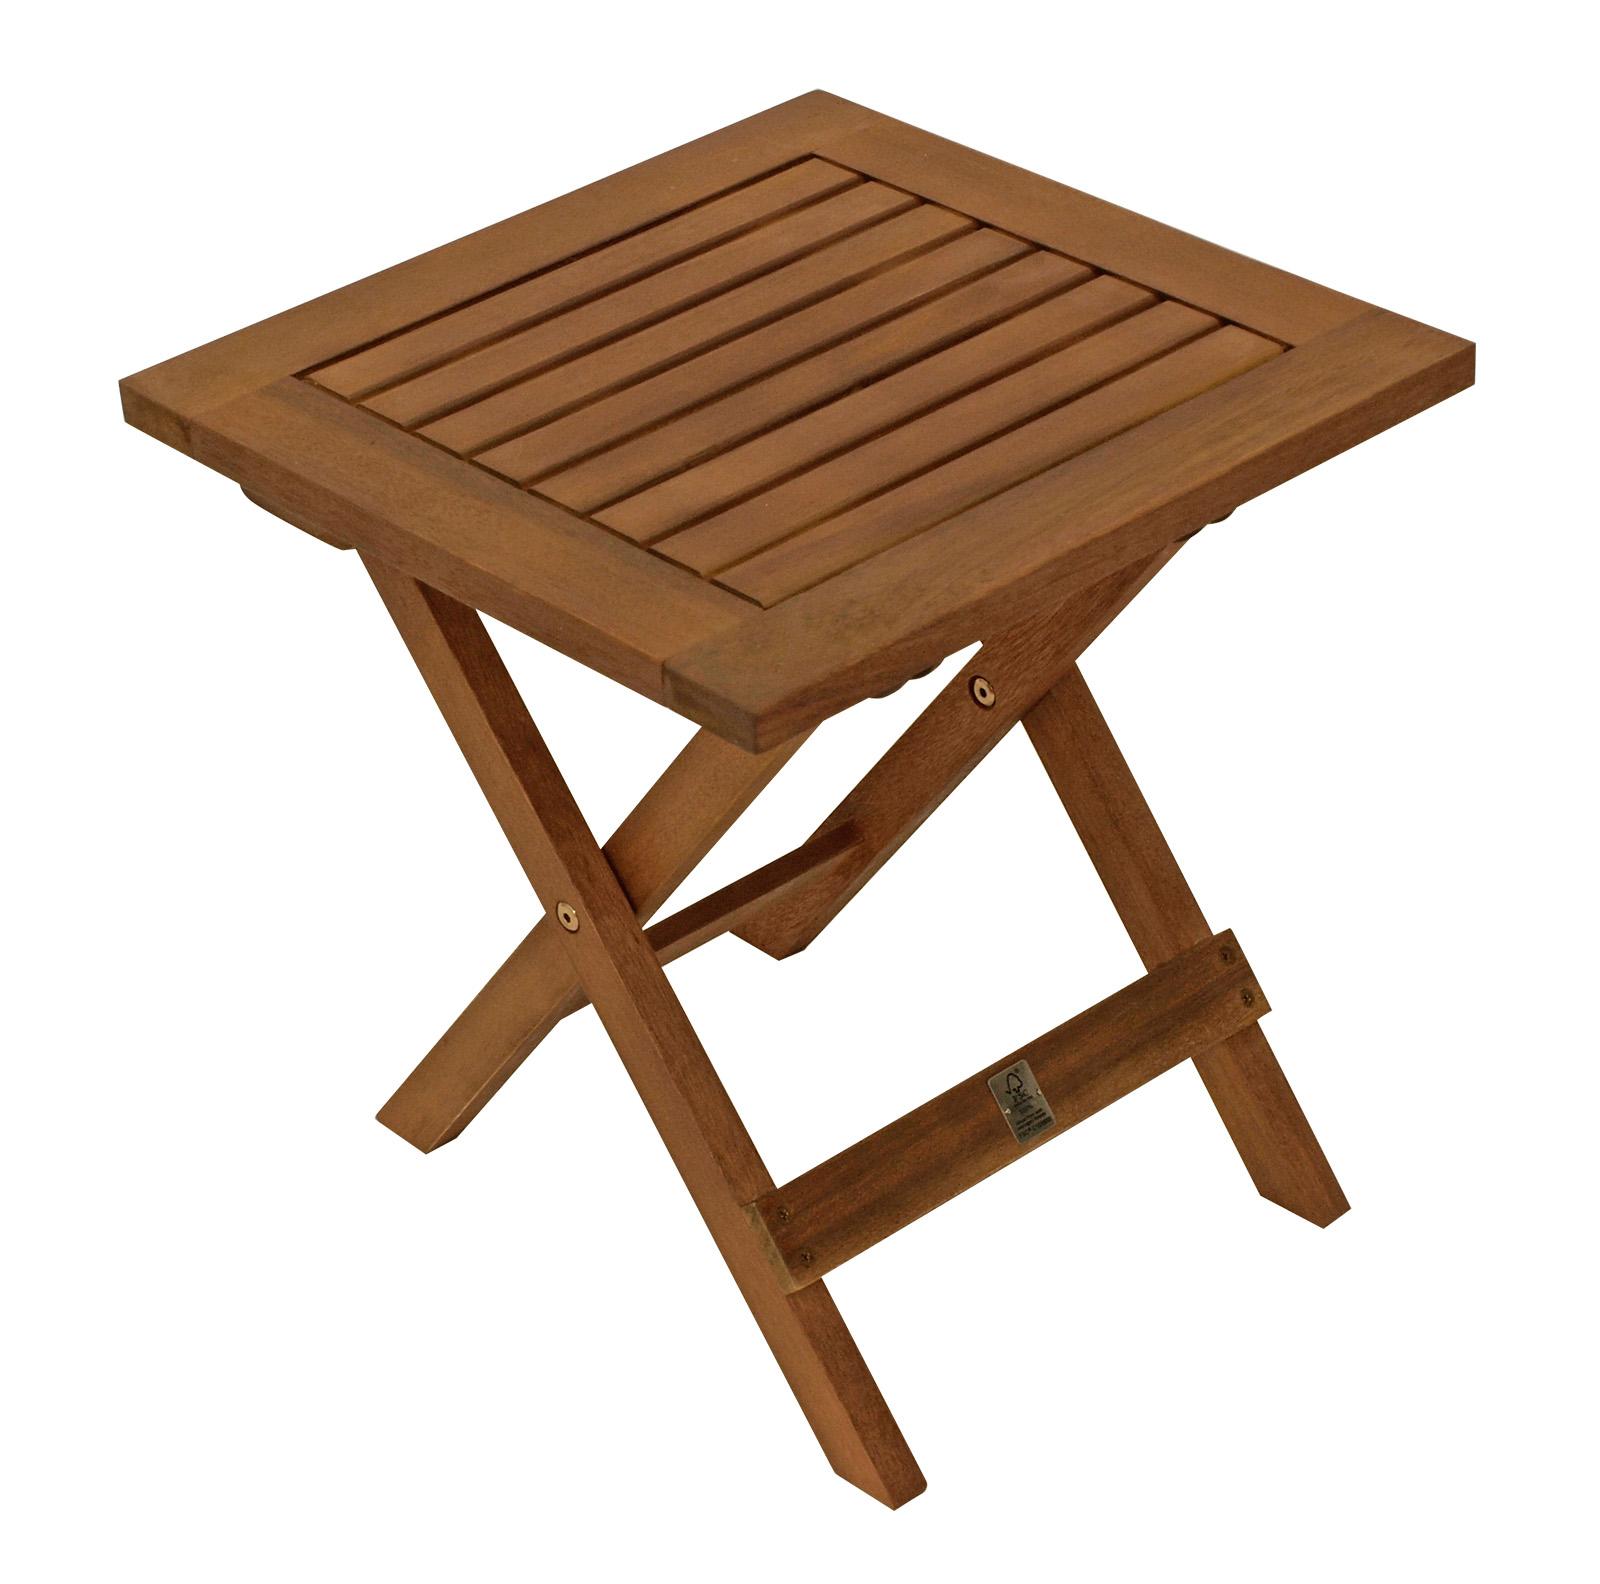 beistelltisch klapptisch holztisch kaffeetisch java 38x38cm akazien holz ge lt. Black Bedroom Furniture Sets. Home Design Ideas